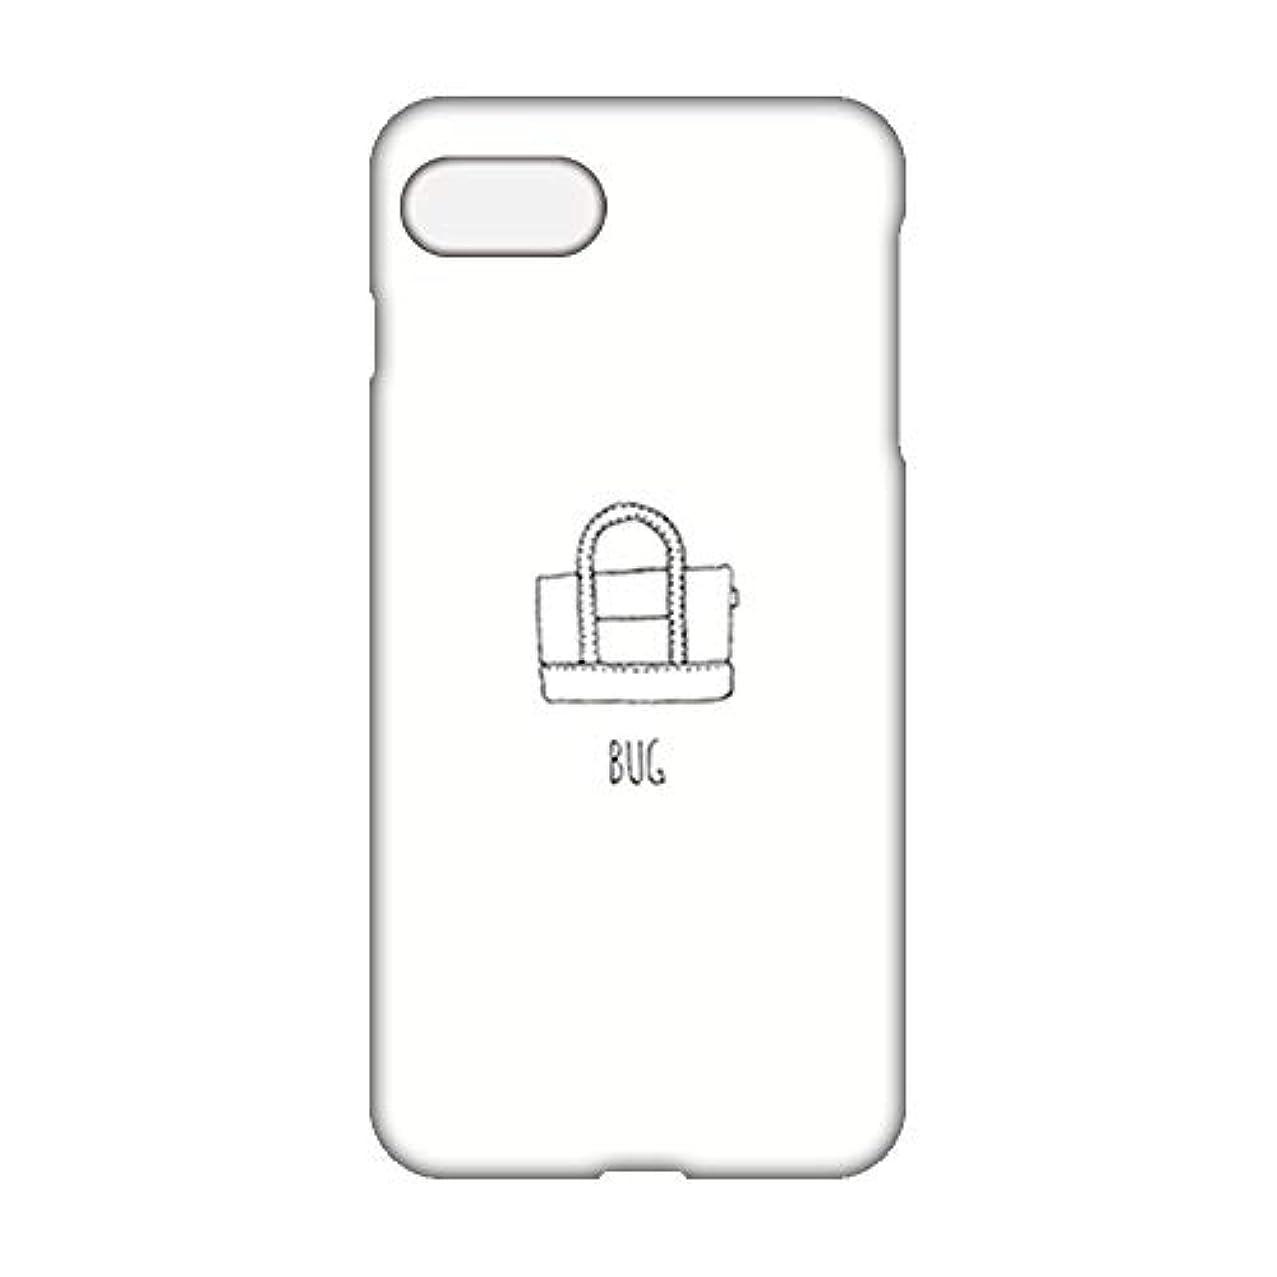 状態嫌がるカウンターパート[スマ通] ZenFone 4 Max ZC520KL 手書き イラスト スマホケース ハードケース ASUS エイスース ゼンフォン フォー マックス SIMフリー (2バッグ)